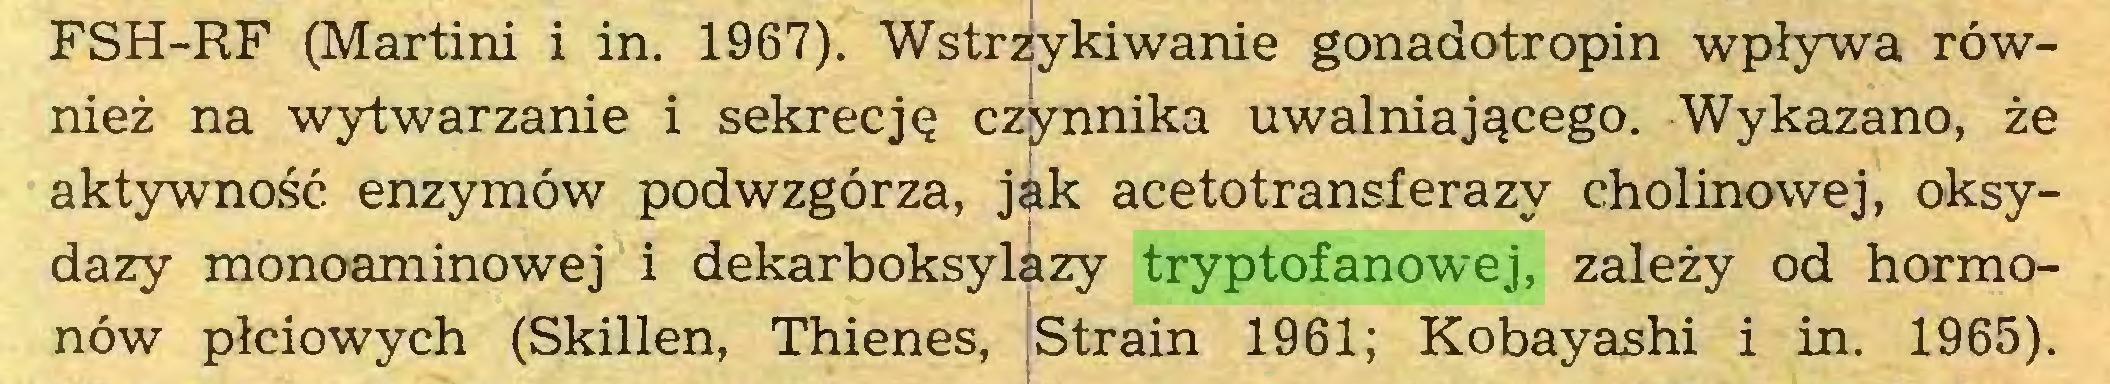 (...) FSH-RF (Martini i in. 1967). Wstrzykiwanie gonadotropin wpływa również na wytwarzanie i sekrecję czynnika uwalniającego. Wykazano, że aktywność enzymów podwzgórza, jak acetotransferazy cholinowej, oksydazy monoaminowej i dekarboksylazy tryptofanowej, zależy od hormonów płciowych (Skillen, Thienes, Strain 1961; Kobayashi i in. 1965)...